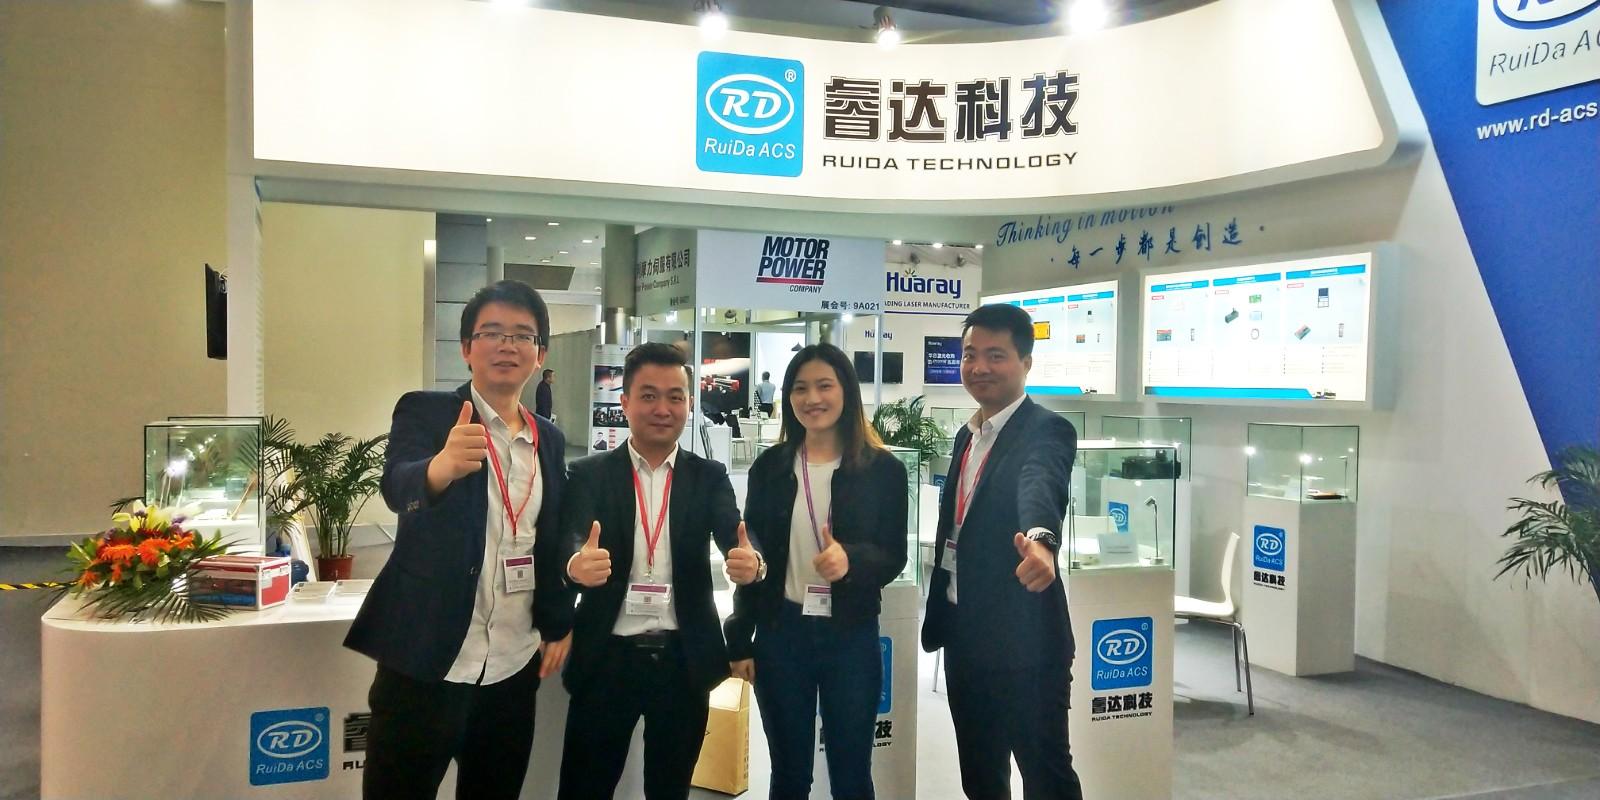 睿达科技明星产品炫美2019中国(深圳)激光与智能装备博览会